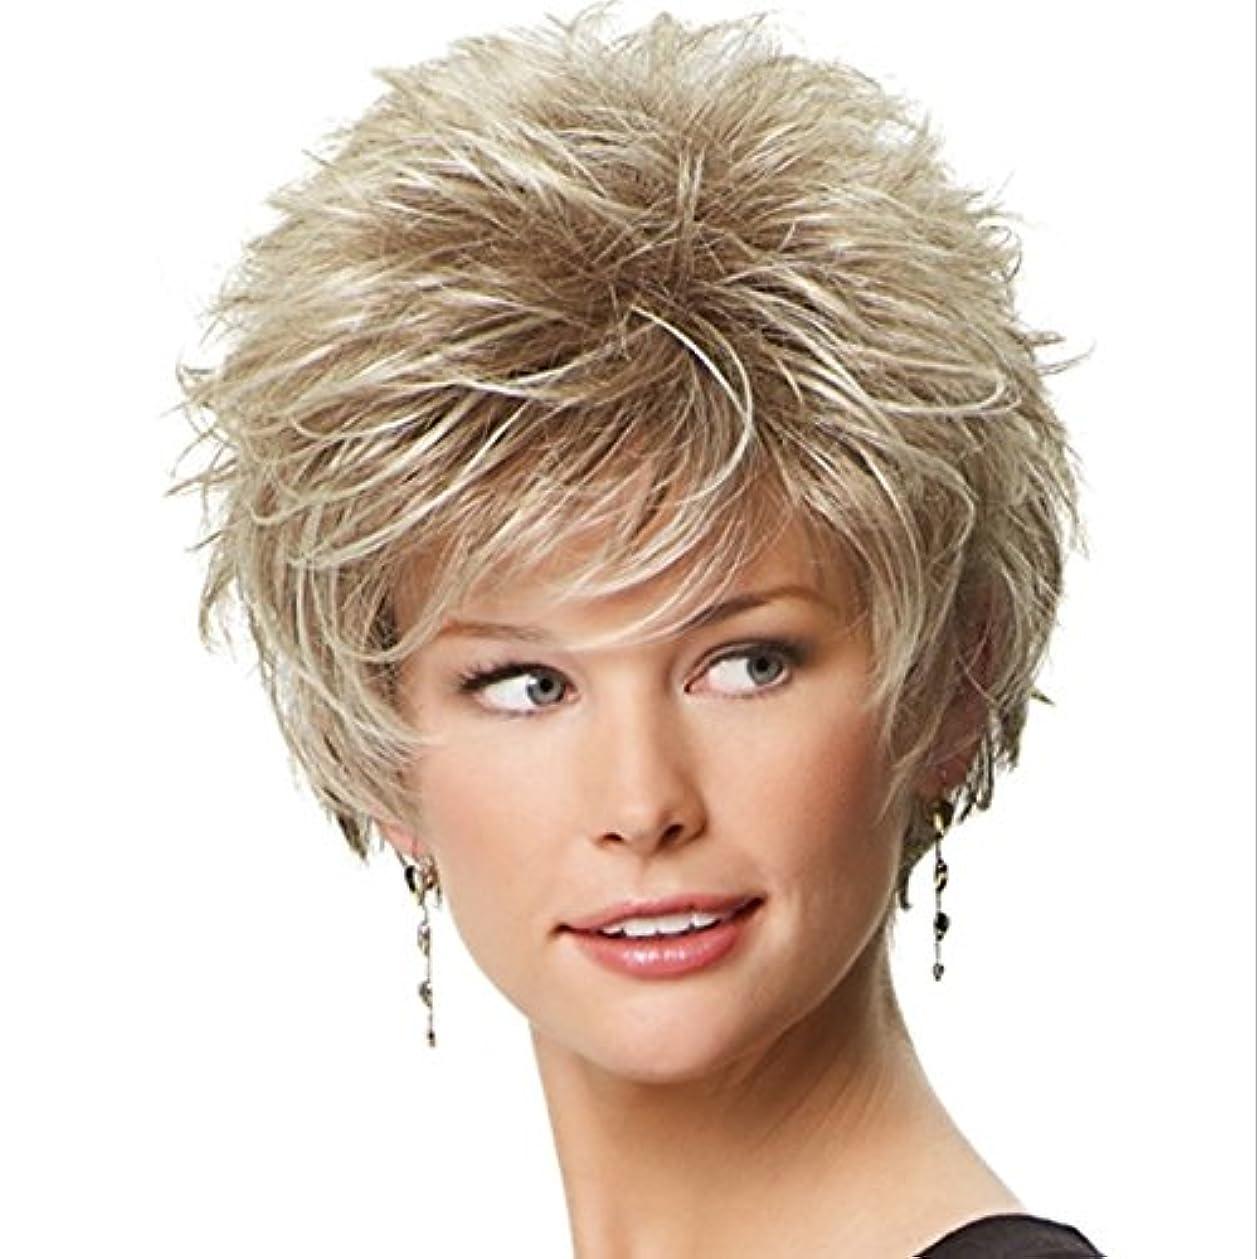 鉛筆海峡まばたきJIANFU 女性のための優雅なかつらエアーフラットバンズウィッグとショートカーリーヘアー女性のための耐熱性のあるふわふわウィッグ10inch / 11inch(灰色がかった白、金色) (Color : Golden)